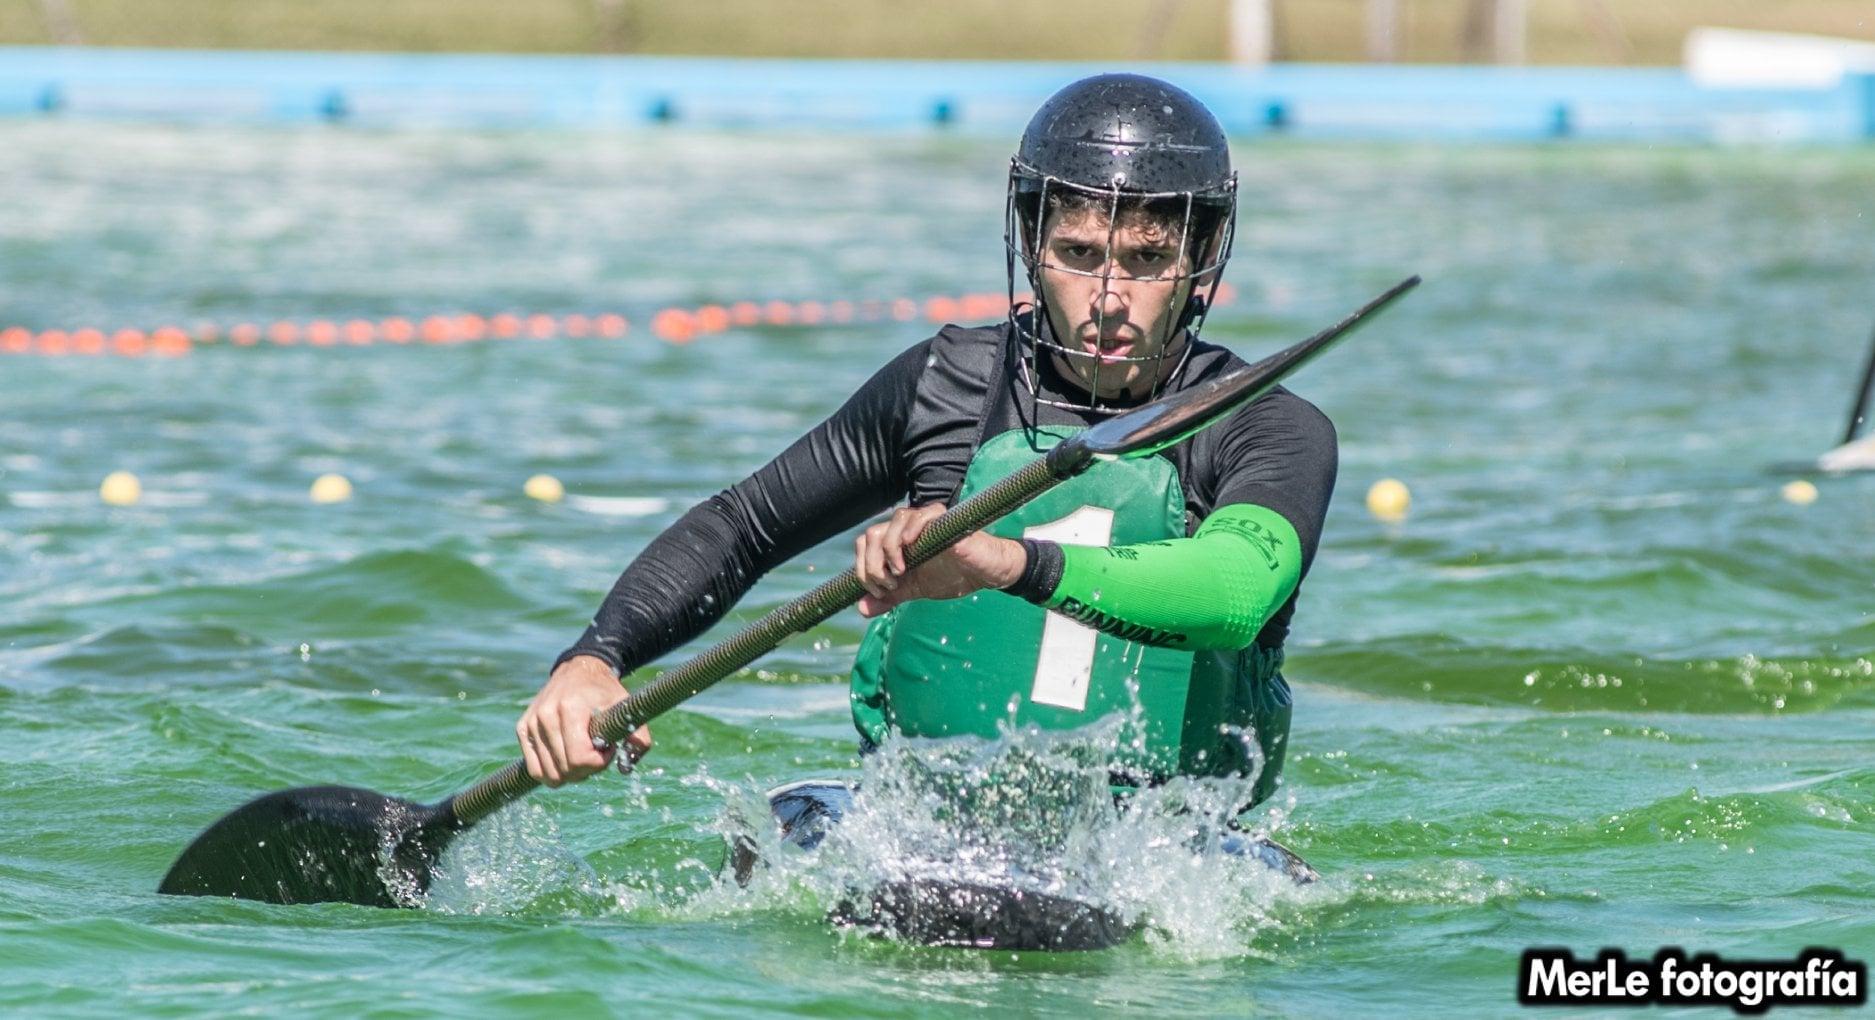 Nicolás  Fasce convocado para jugar la Superliga de Kayak Polo en China